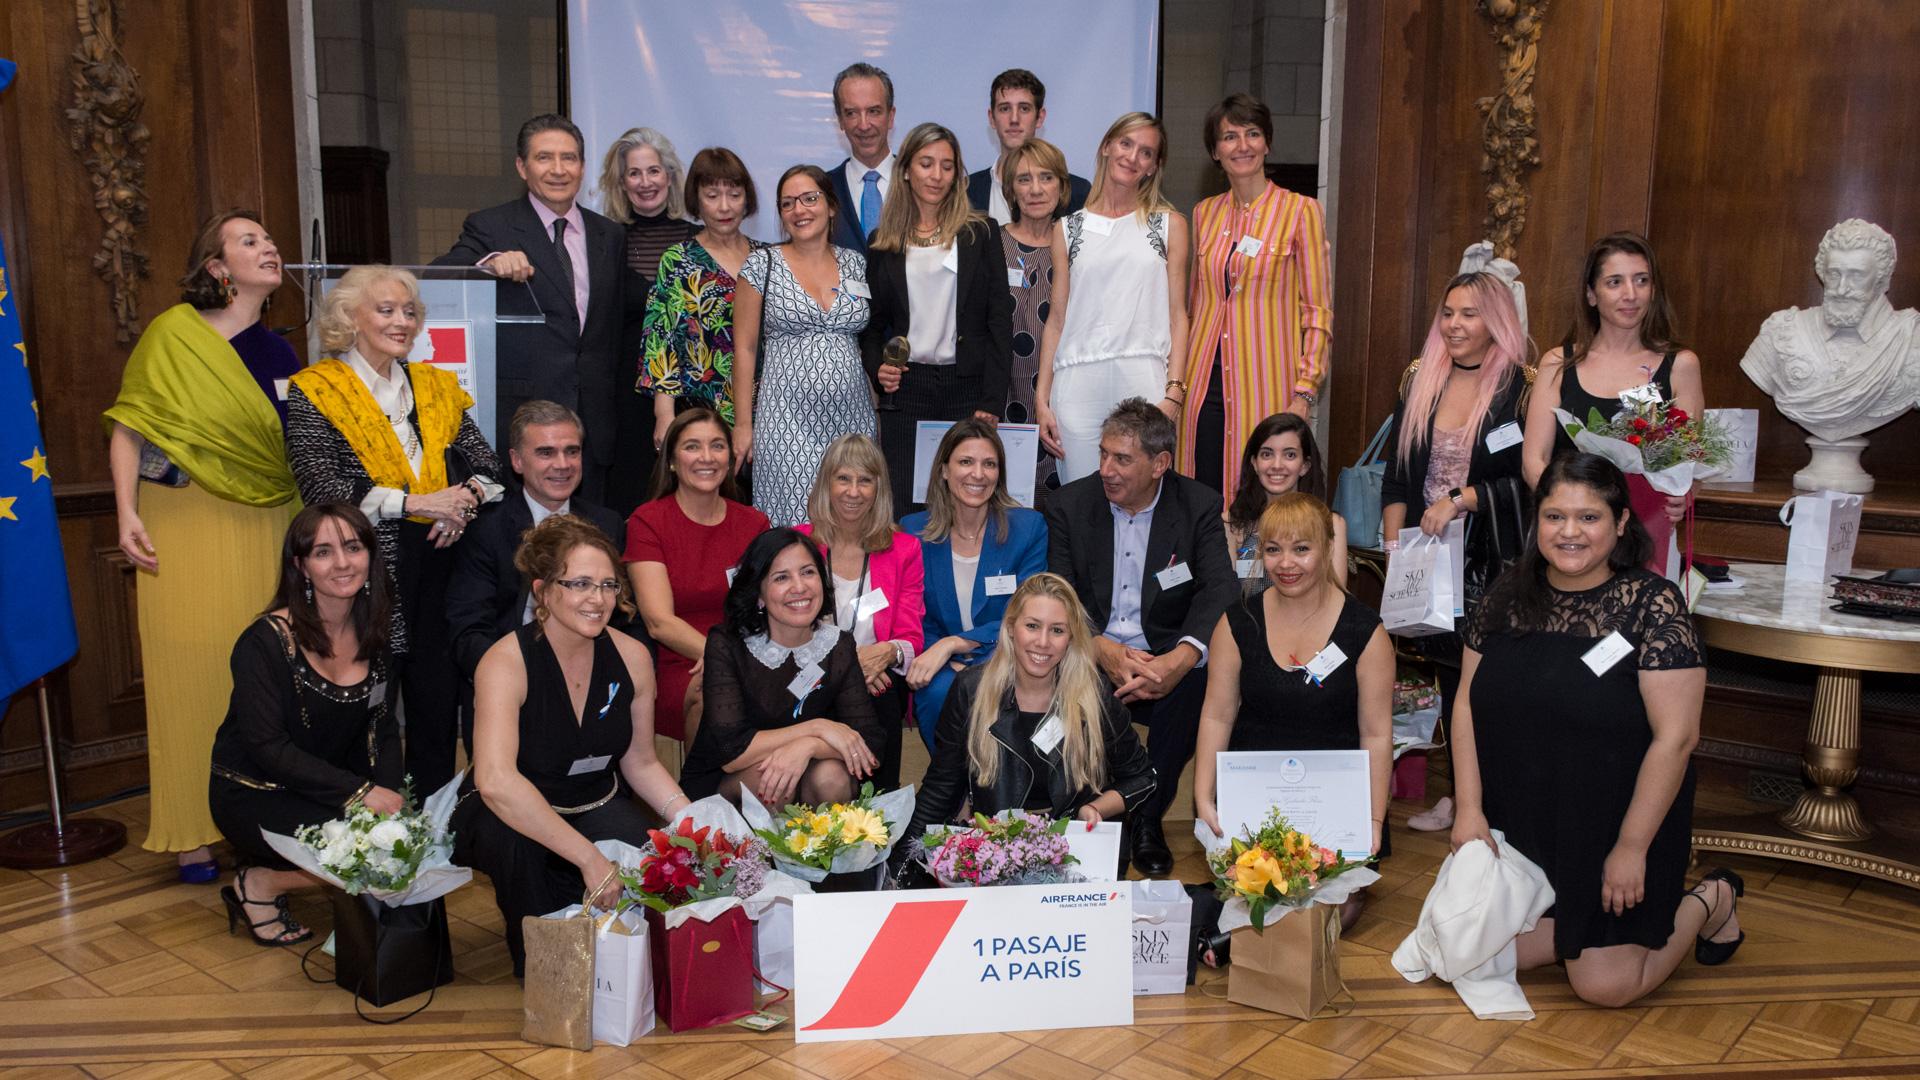 Las 10 finalistas y la ganadora del concurso se fotografiaron junto a las autoridades de Marianne, la Asociación de mujeres Franco-Argentinas en la Embajada de Francia